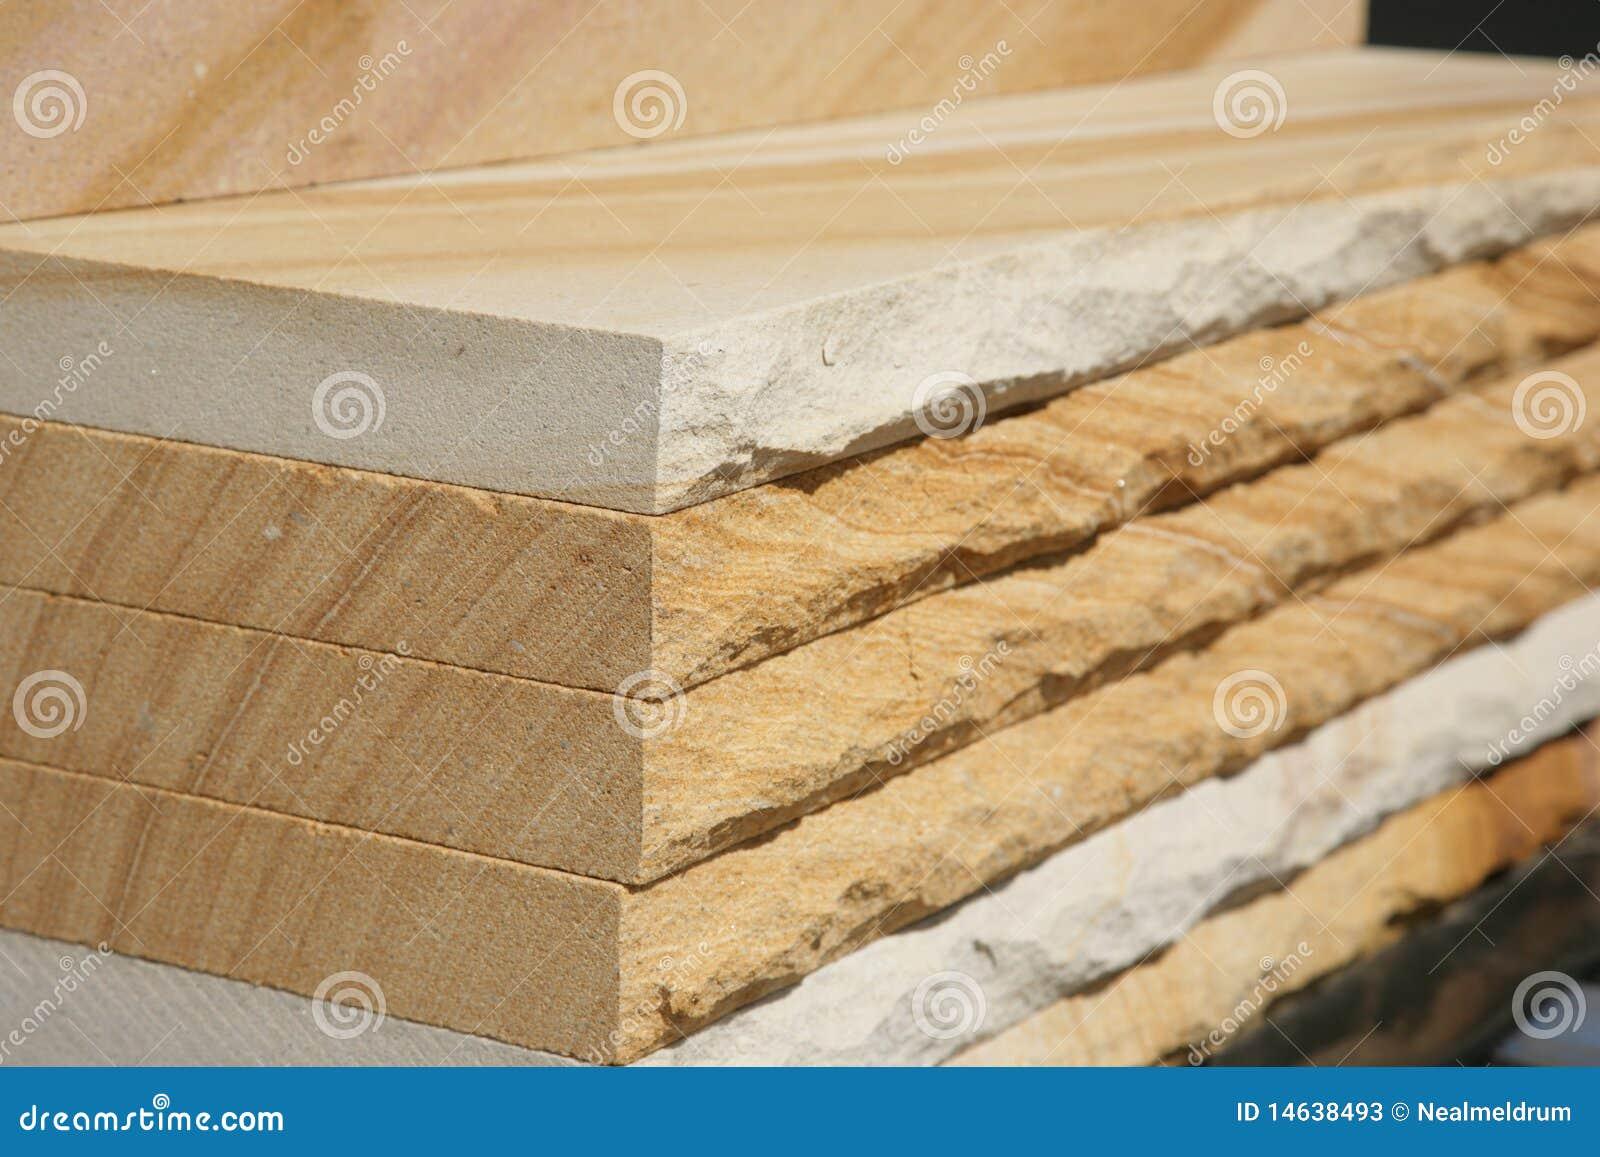 sandsteinplatten stockbild bild von sandstein beschaffenheit 14638493. Black Bedroom Furniture Sets. Home Design Ideas